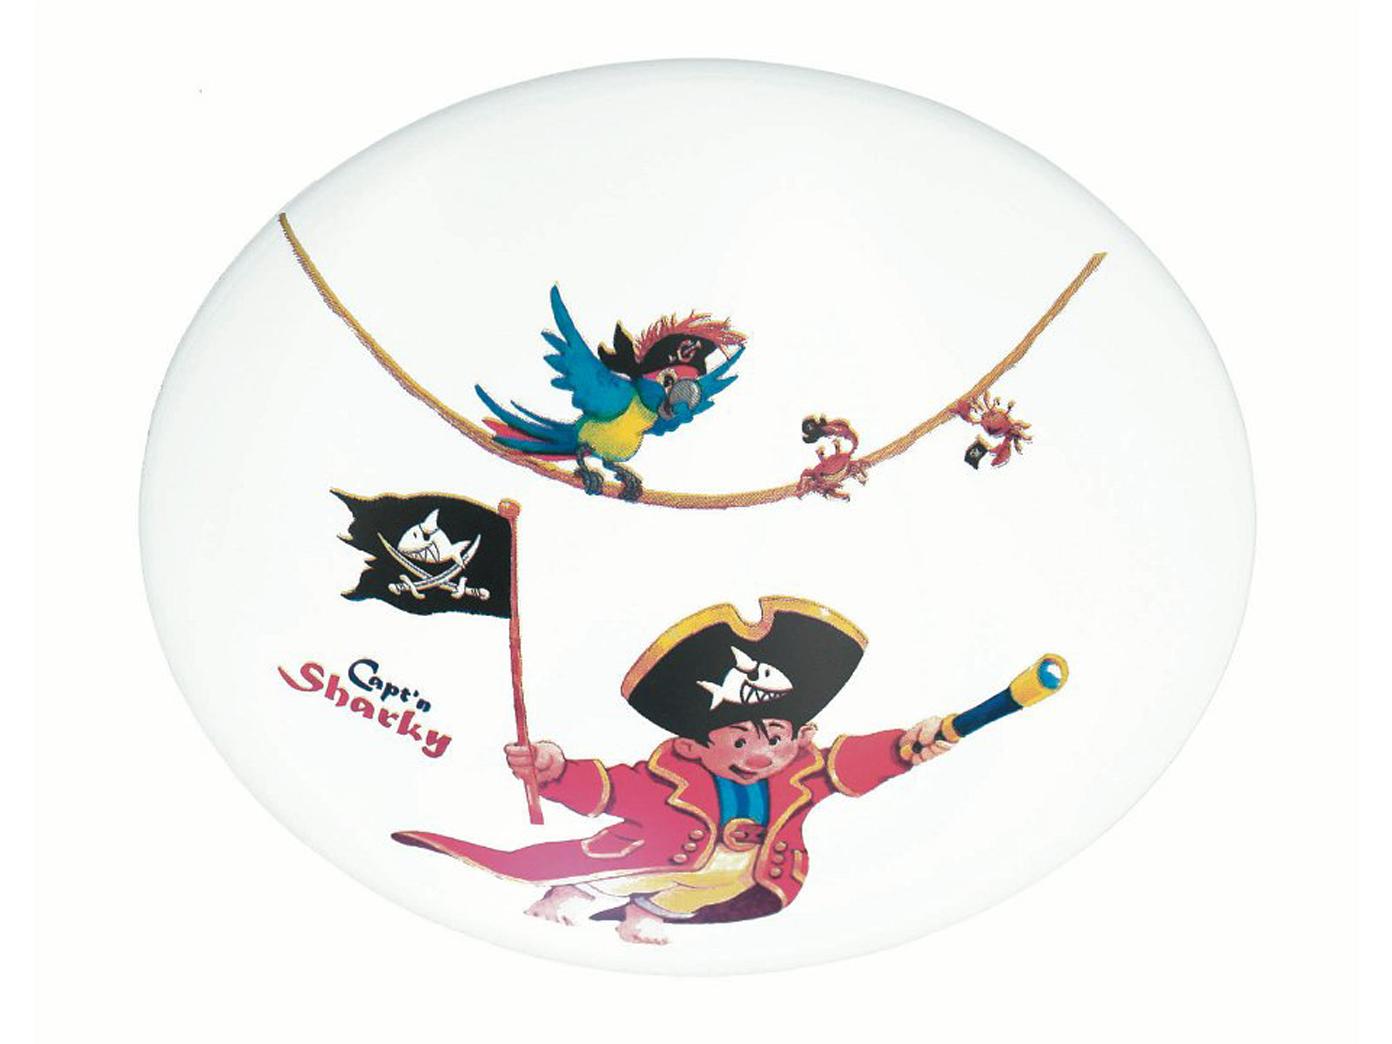 Kinderzimmerleuchte Pirat Käptn Sharky Für Jungen Mädchen Kinderlampe Decke